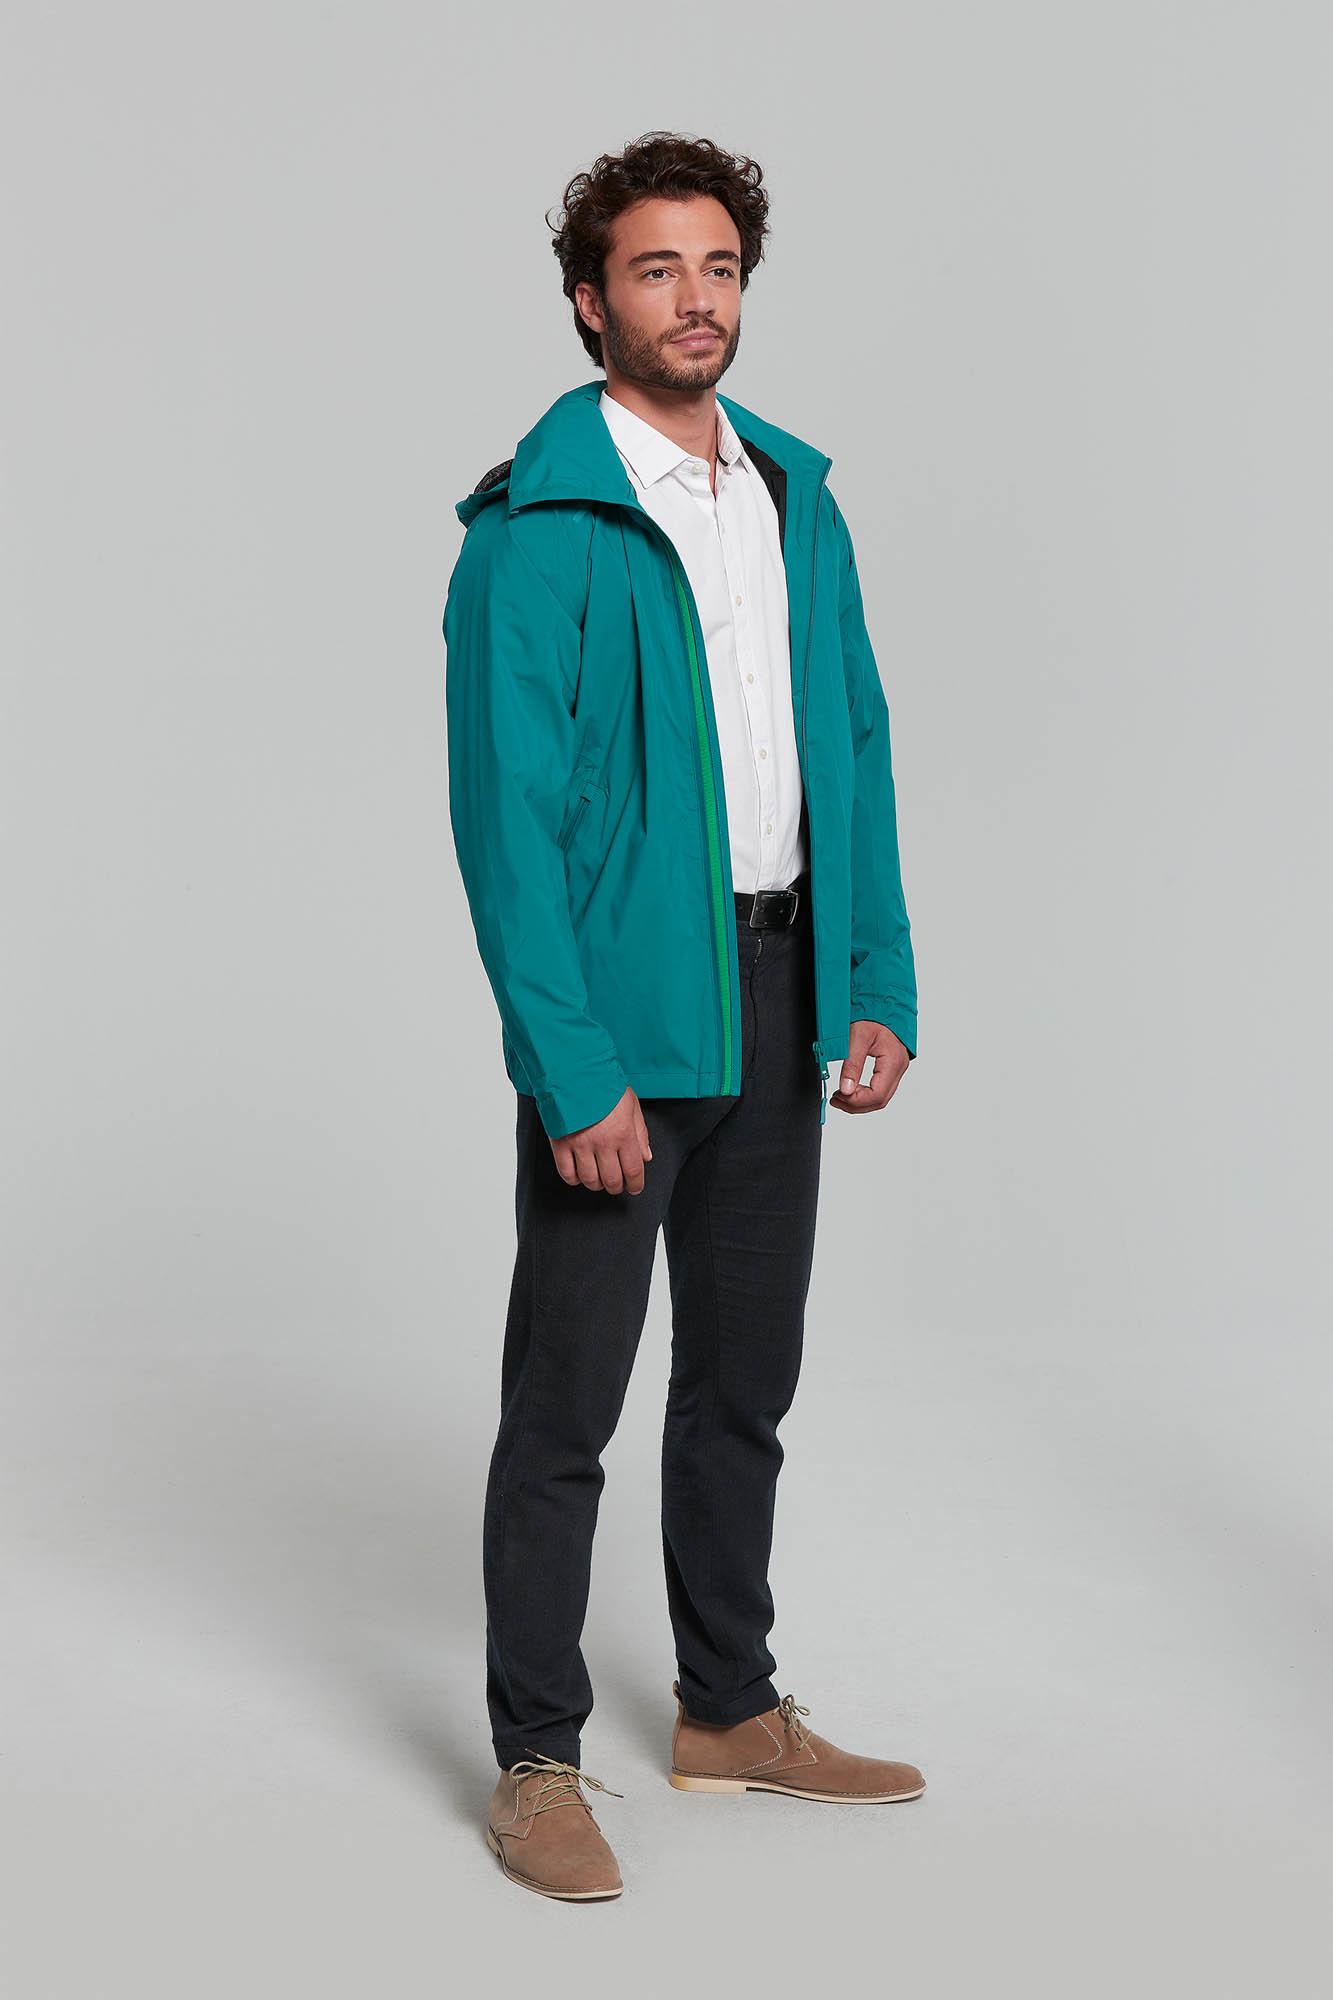 Bicycle Rain Cape Rain Jacket Turquoise Blue Unisex NEW!!!